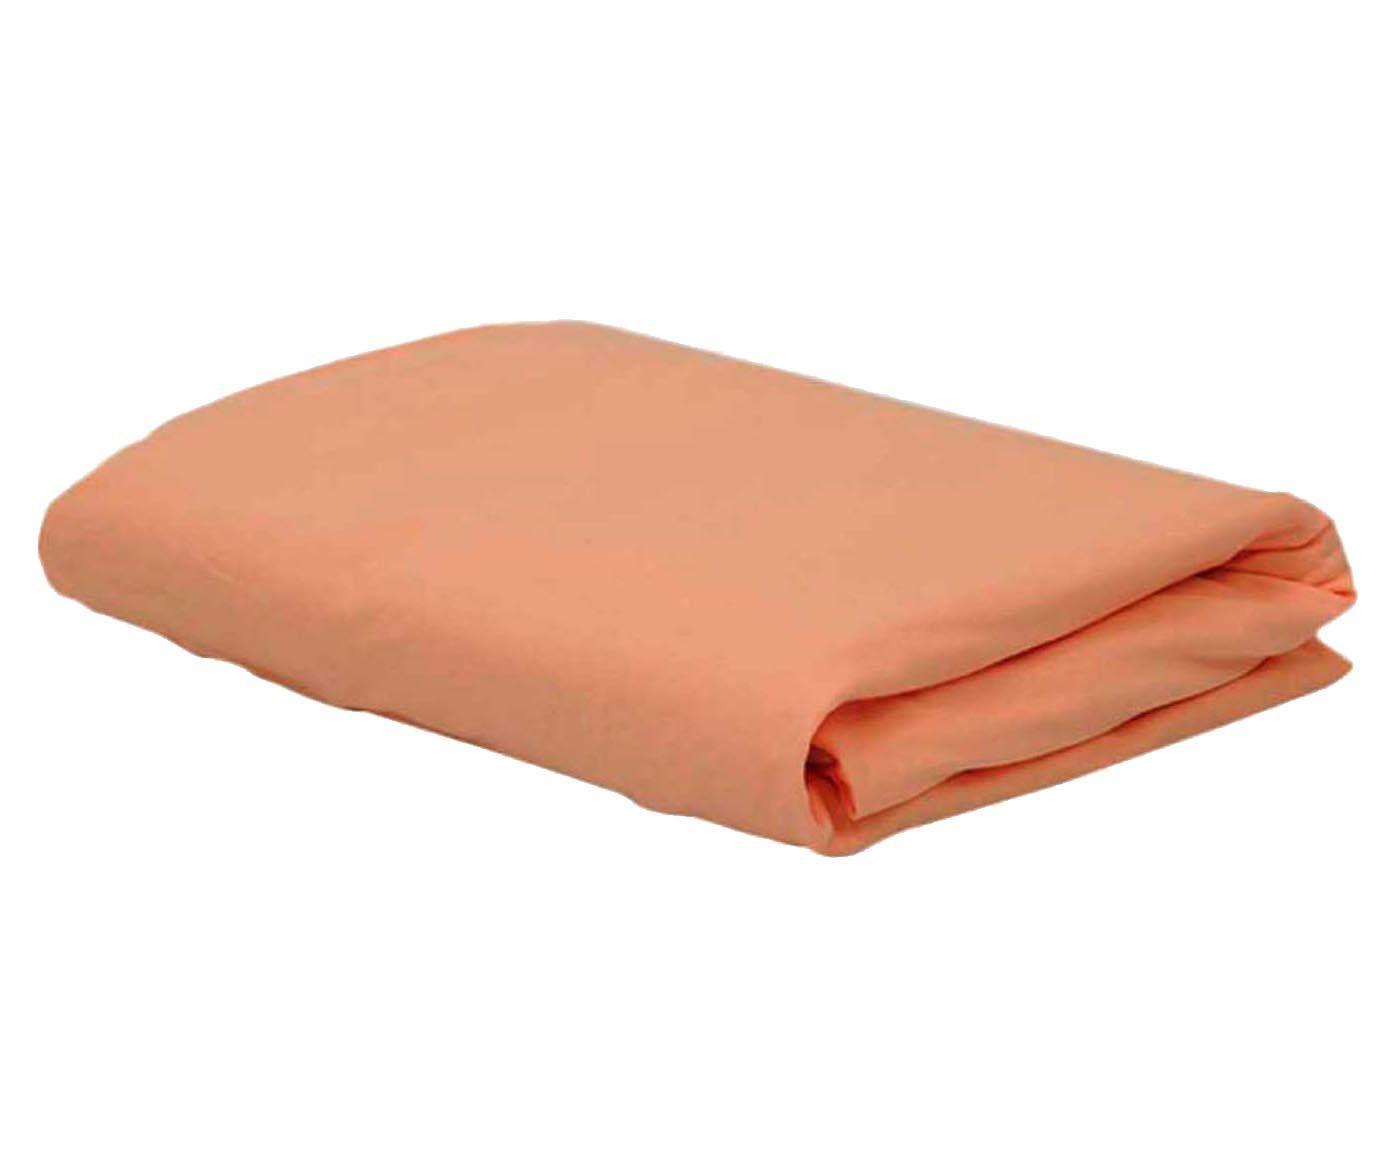 Lençol cosmos ritz - cama de solteiro | Westwing.com.br